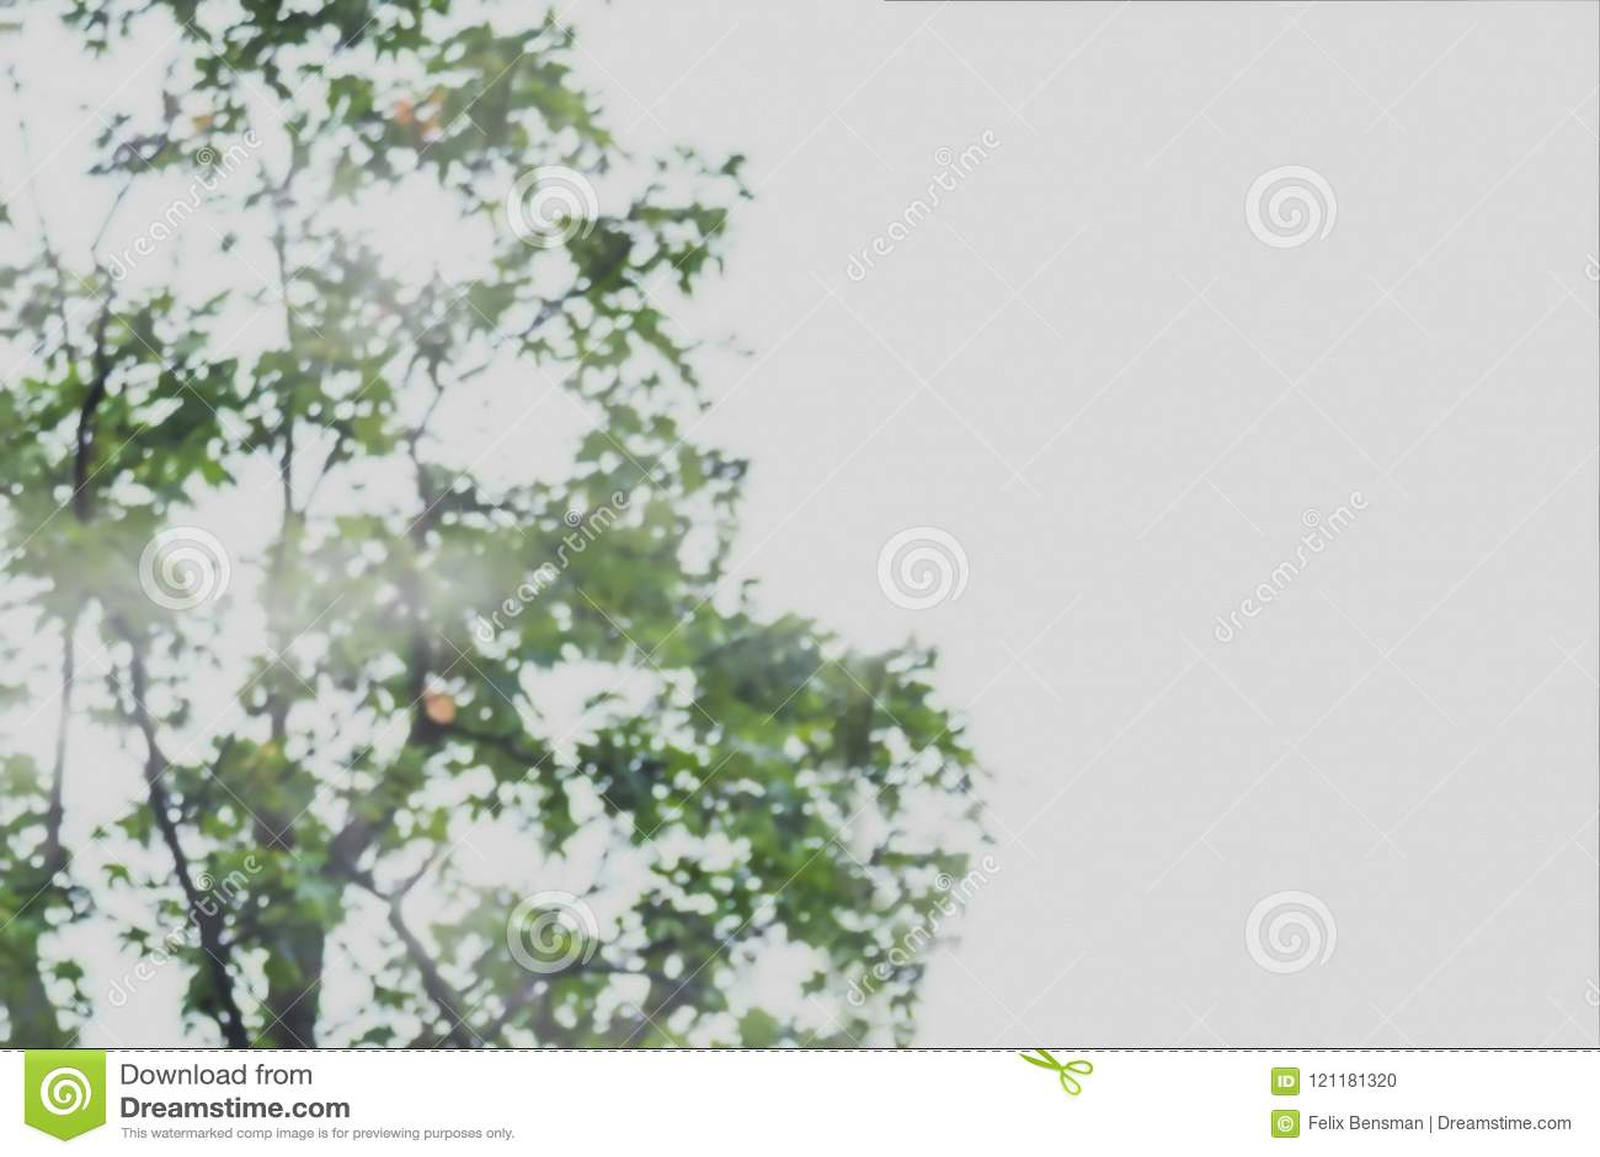 Samenvatting vaag beeld van boom groen gebladerte